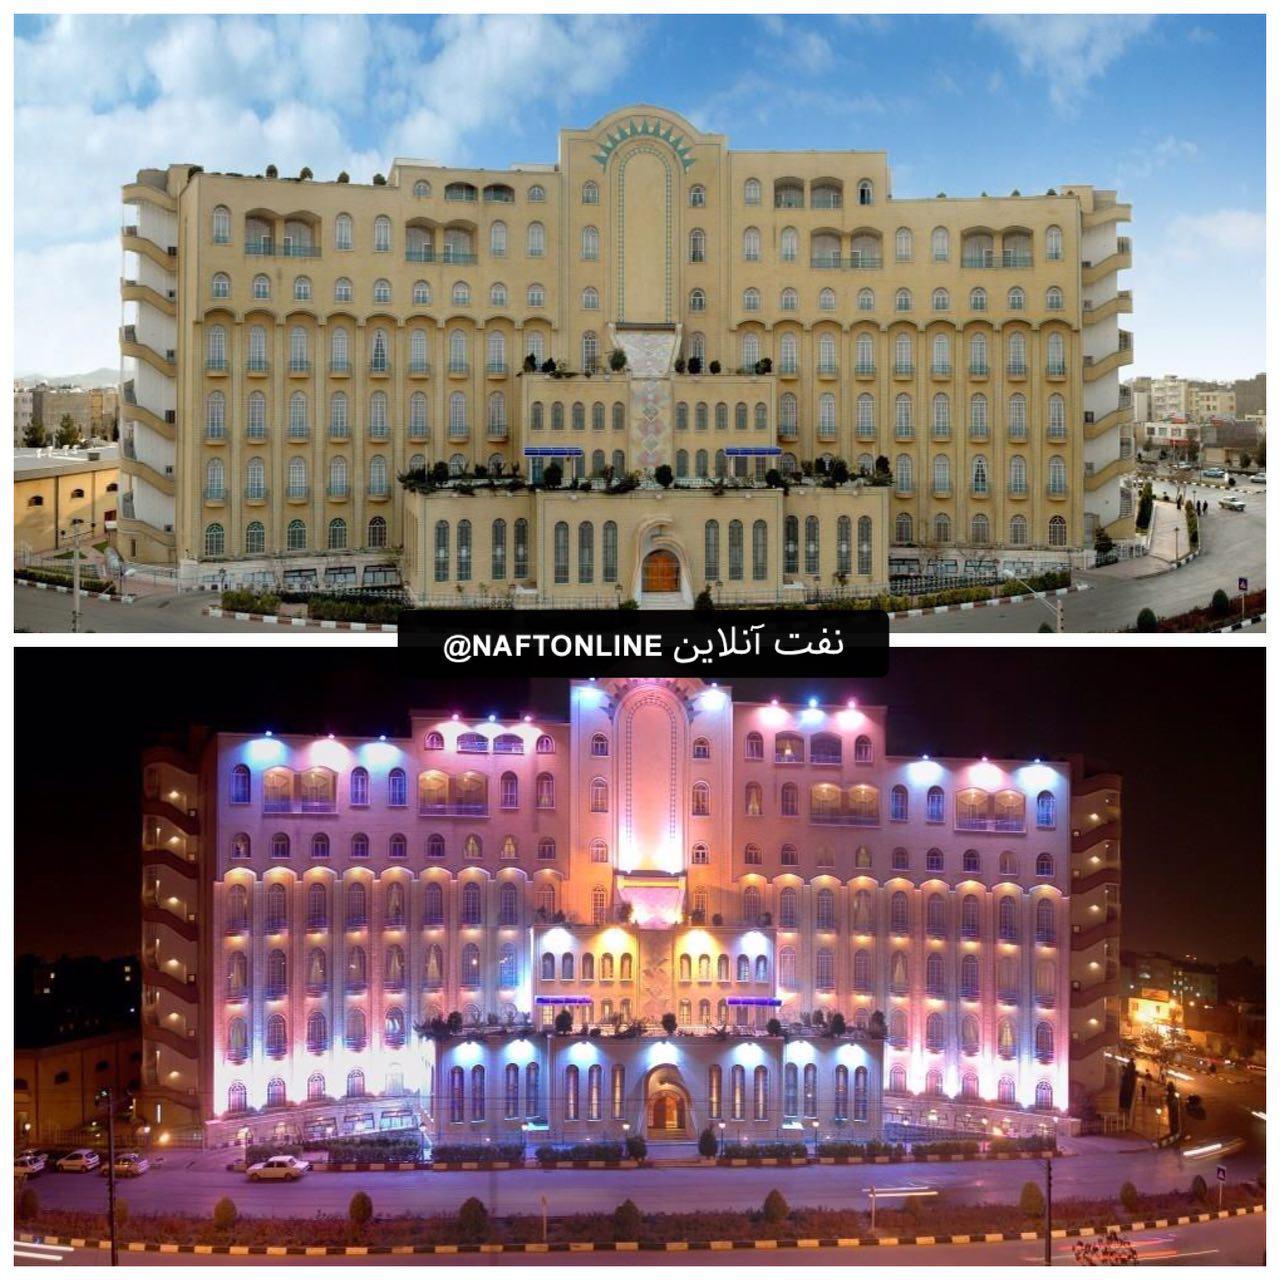 تصویری از ساختمان زائر سرای نفت در مشهدمقدس